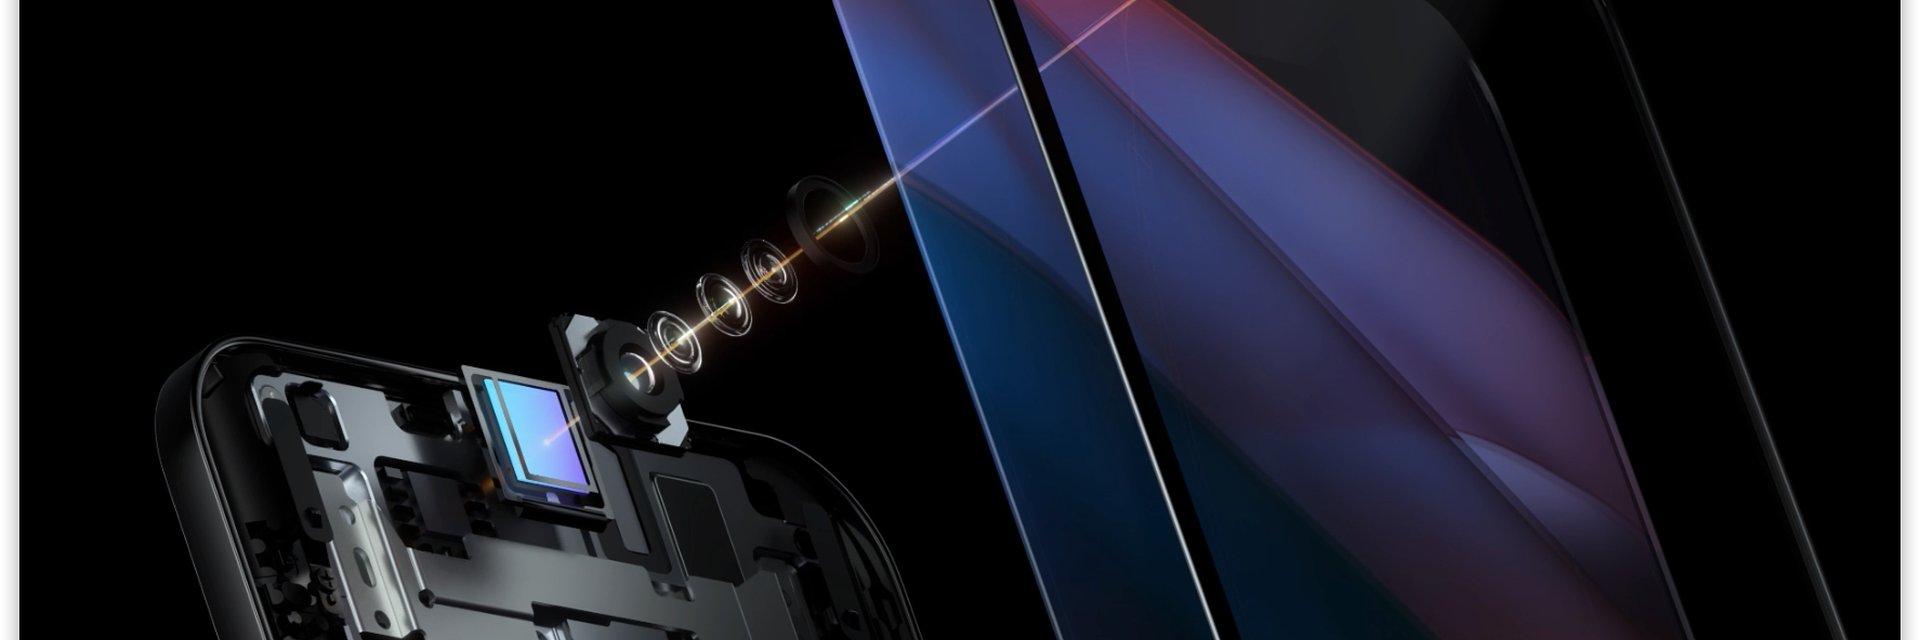 OPPO zaprezentowało kolejną generację technologii aparatu umieszczonego pod ekranem - przełomowe rozwiązanie dostarczające wciągające doznania na prawdziwie pełnym ekranie.